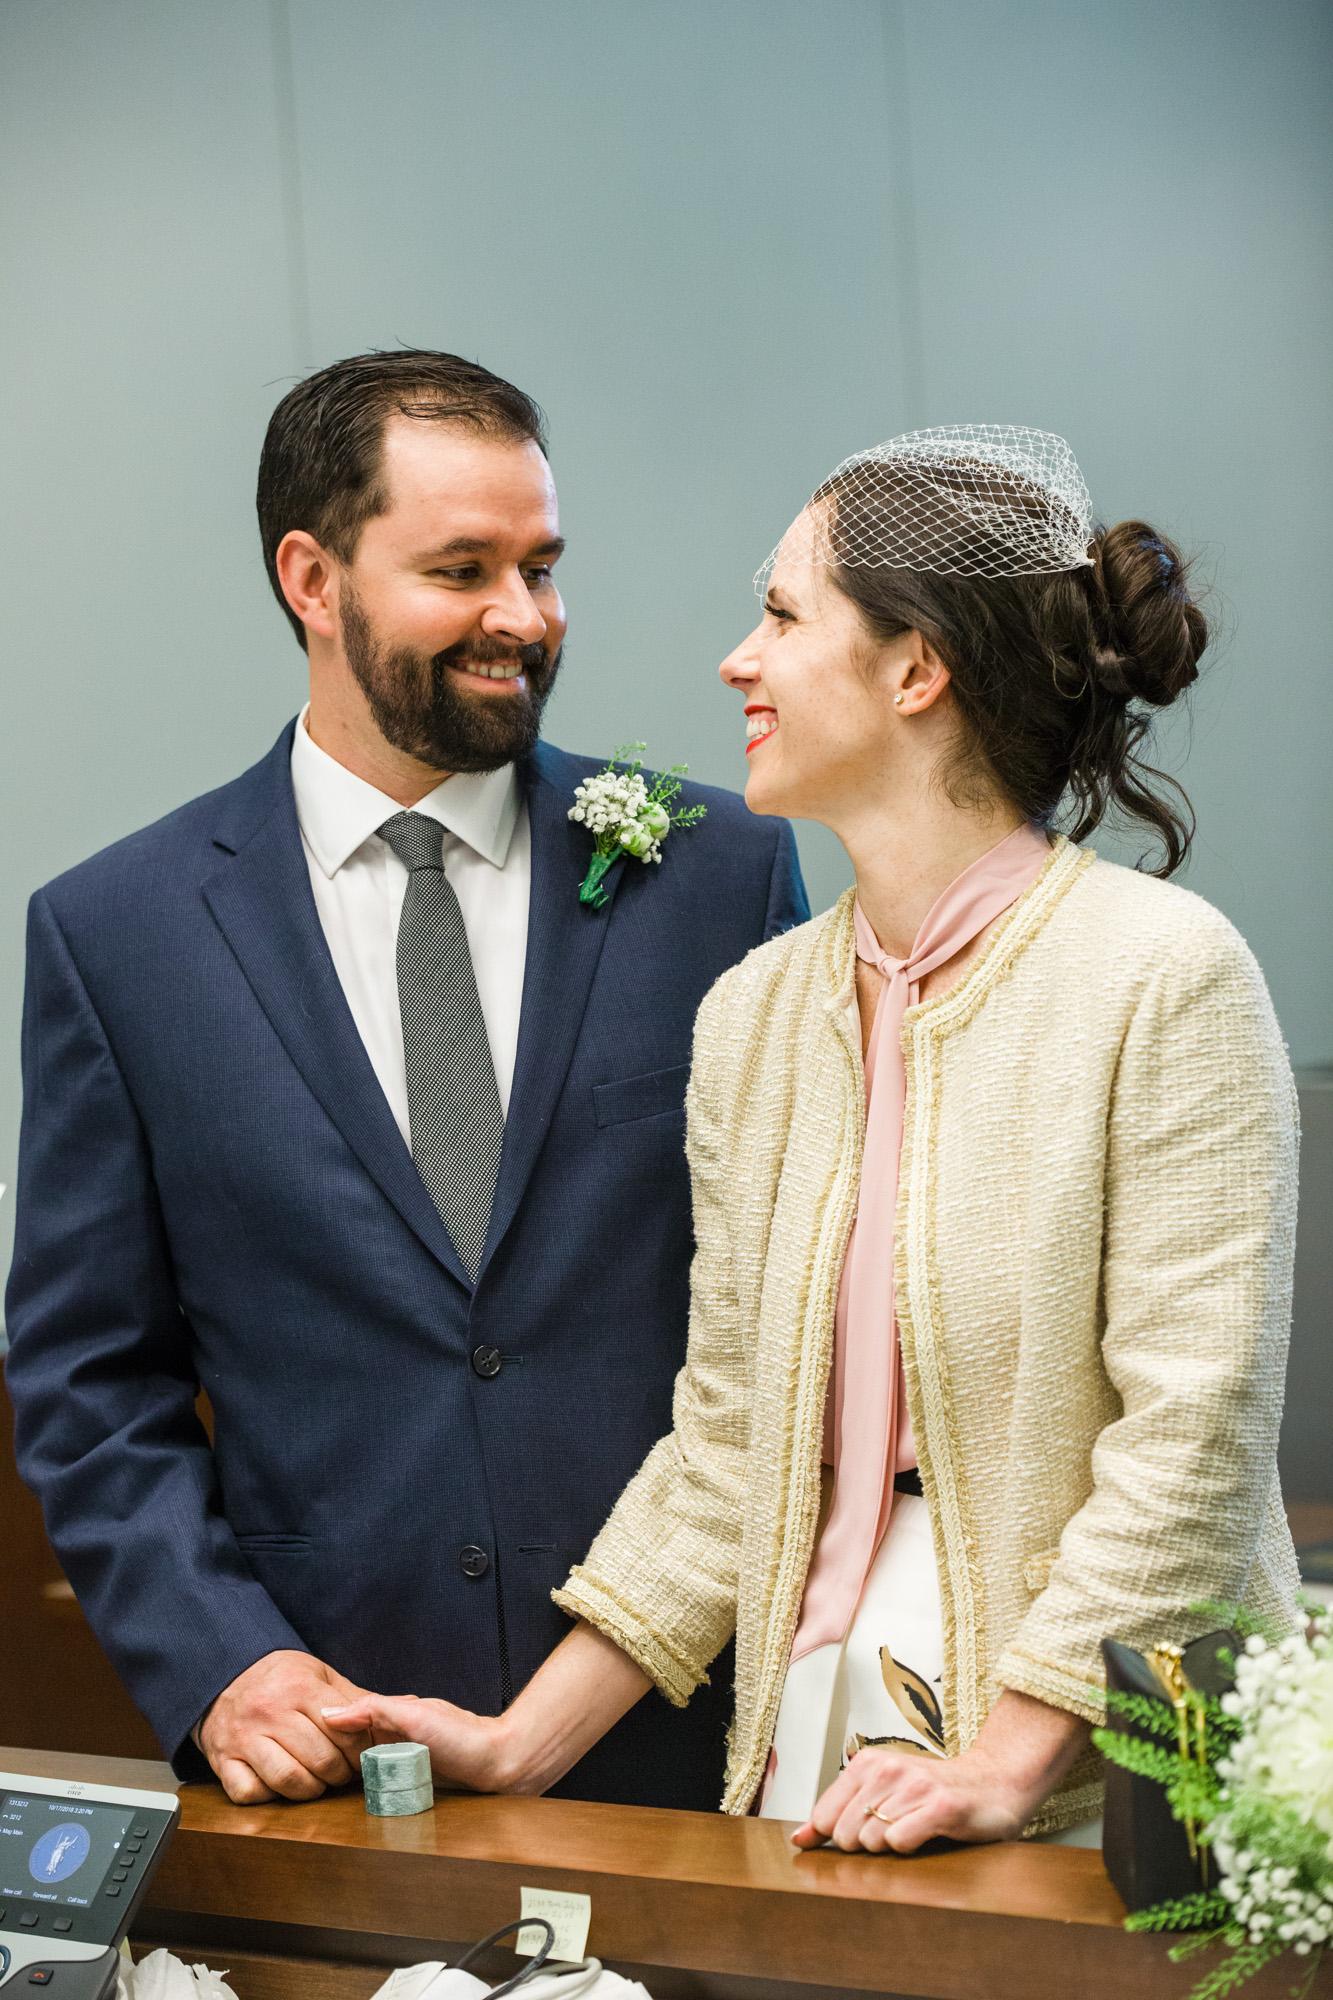 2018_10_17_mowita_drew_durham_courthouse_wedding-6822.jpg